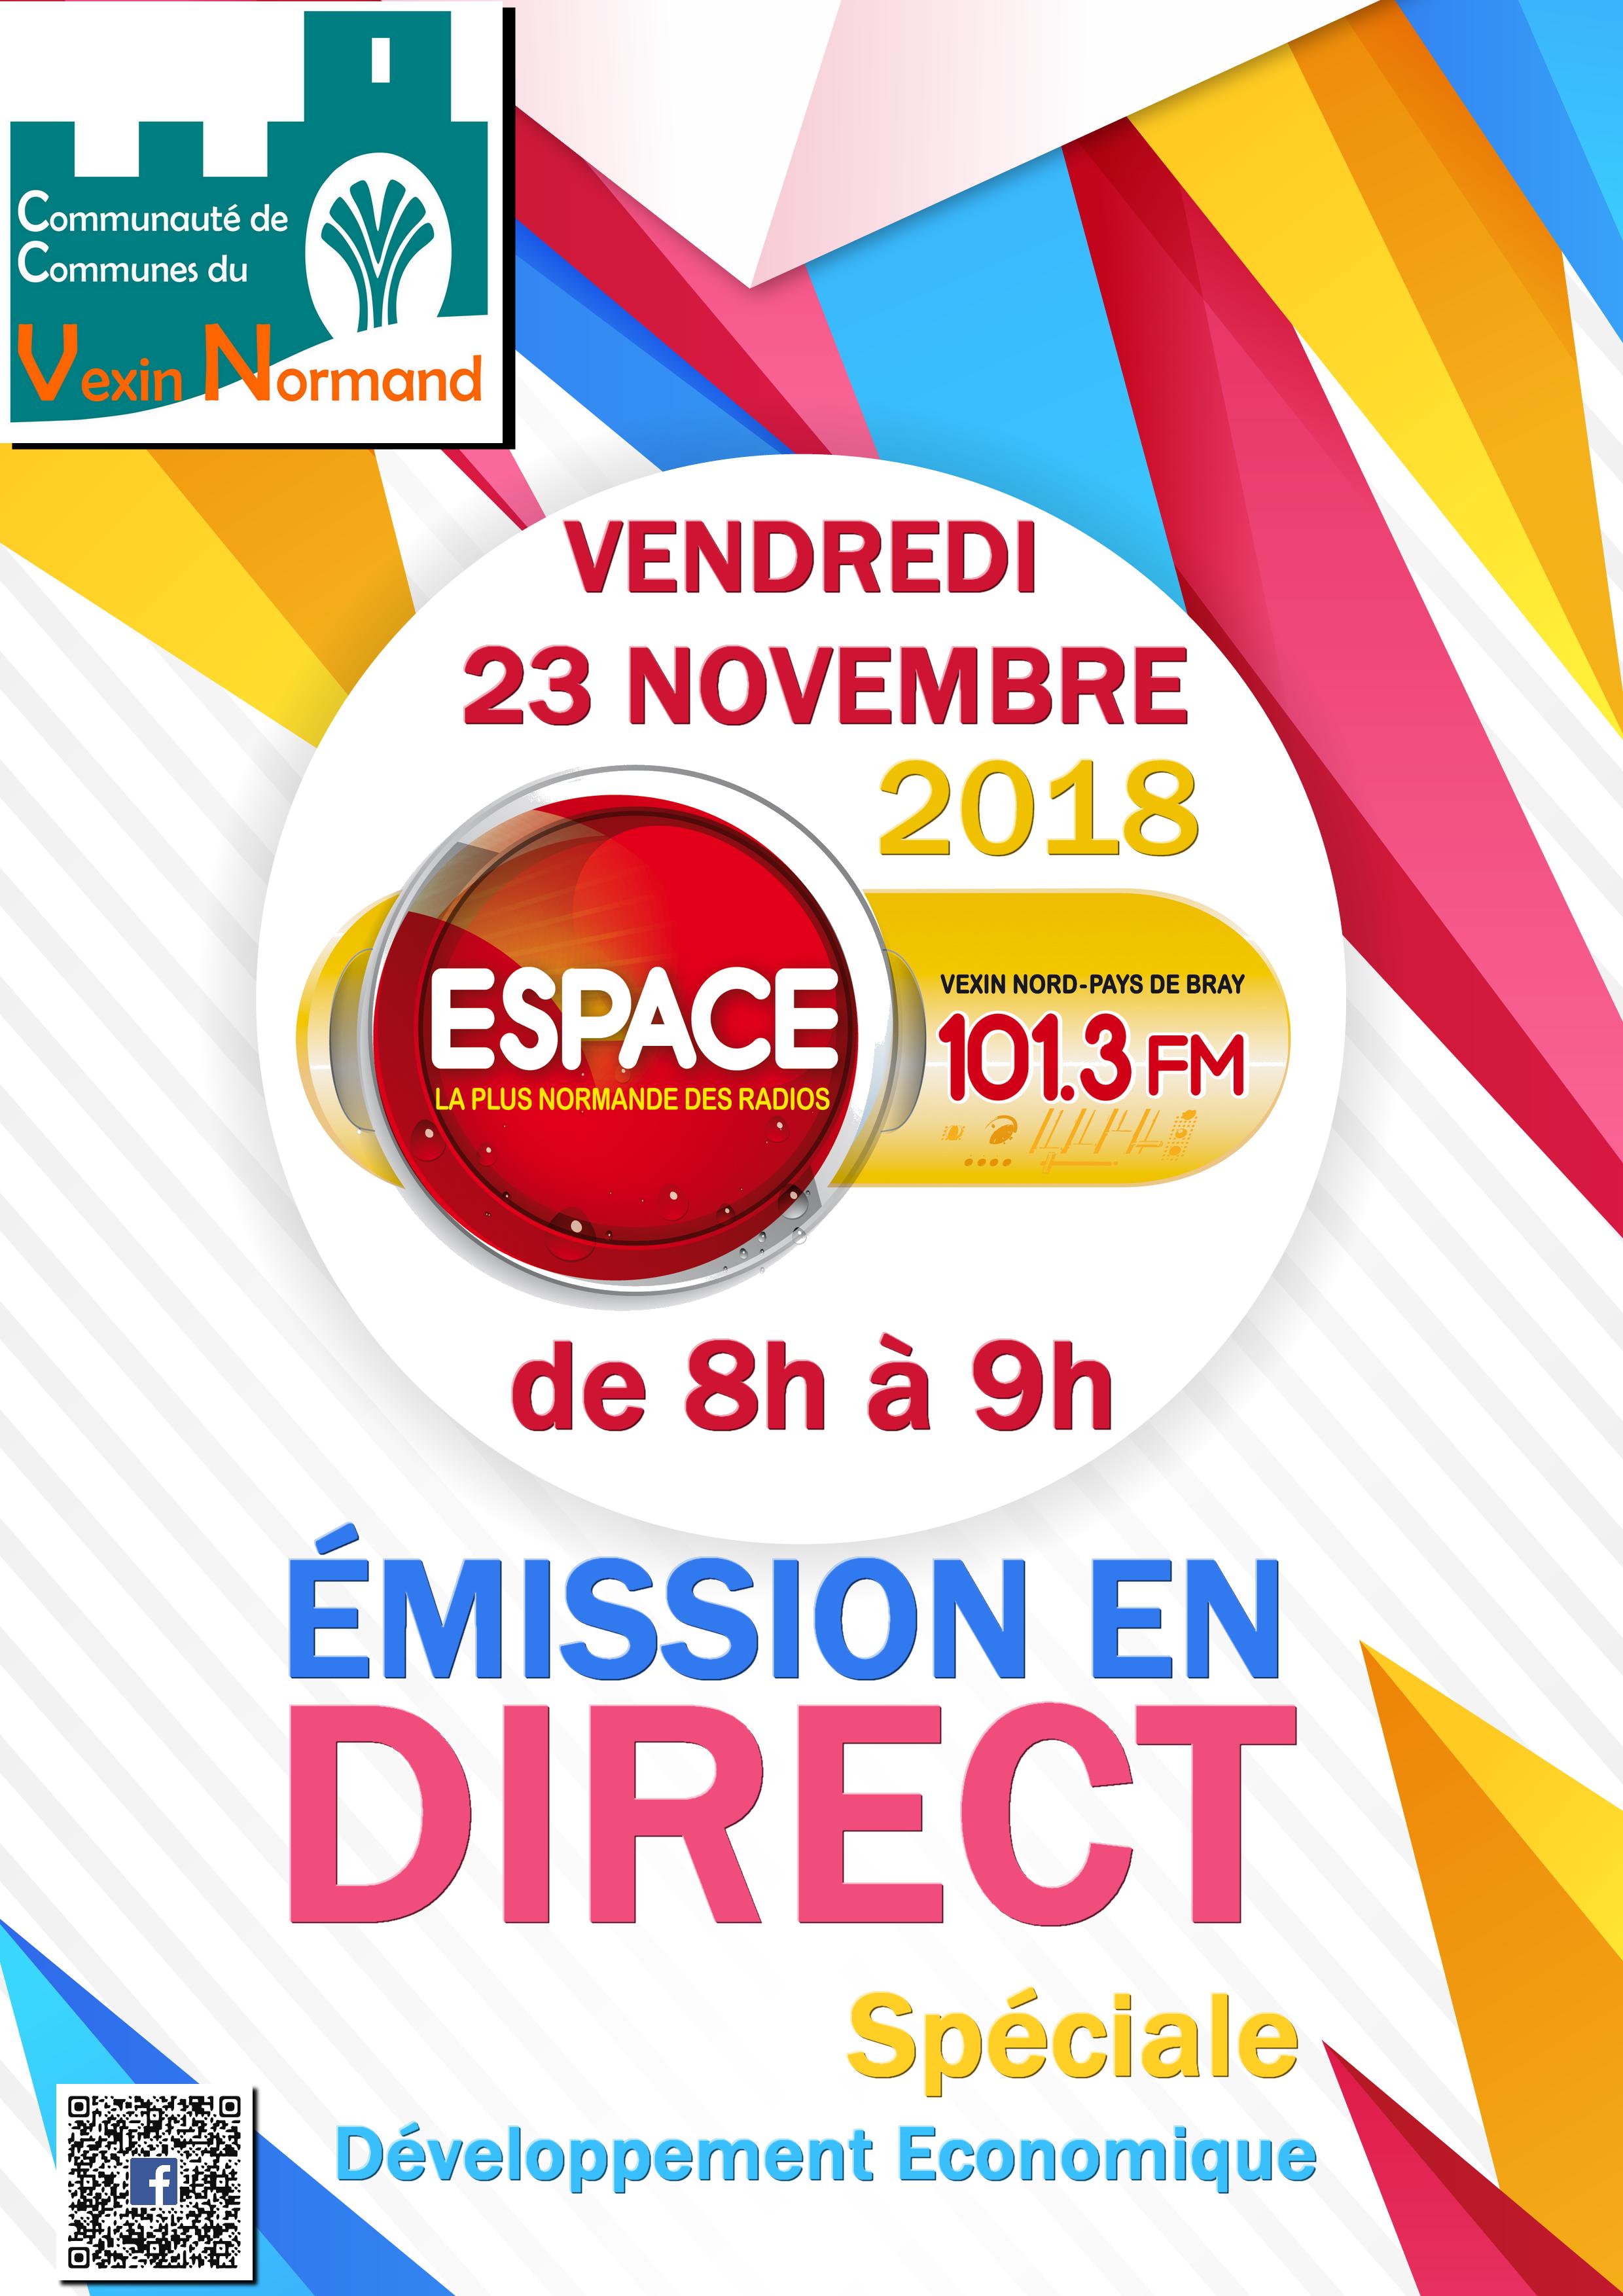 Emission_Espace_vendredi_23_novembre_2018